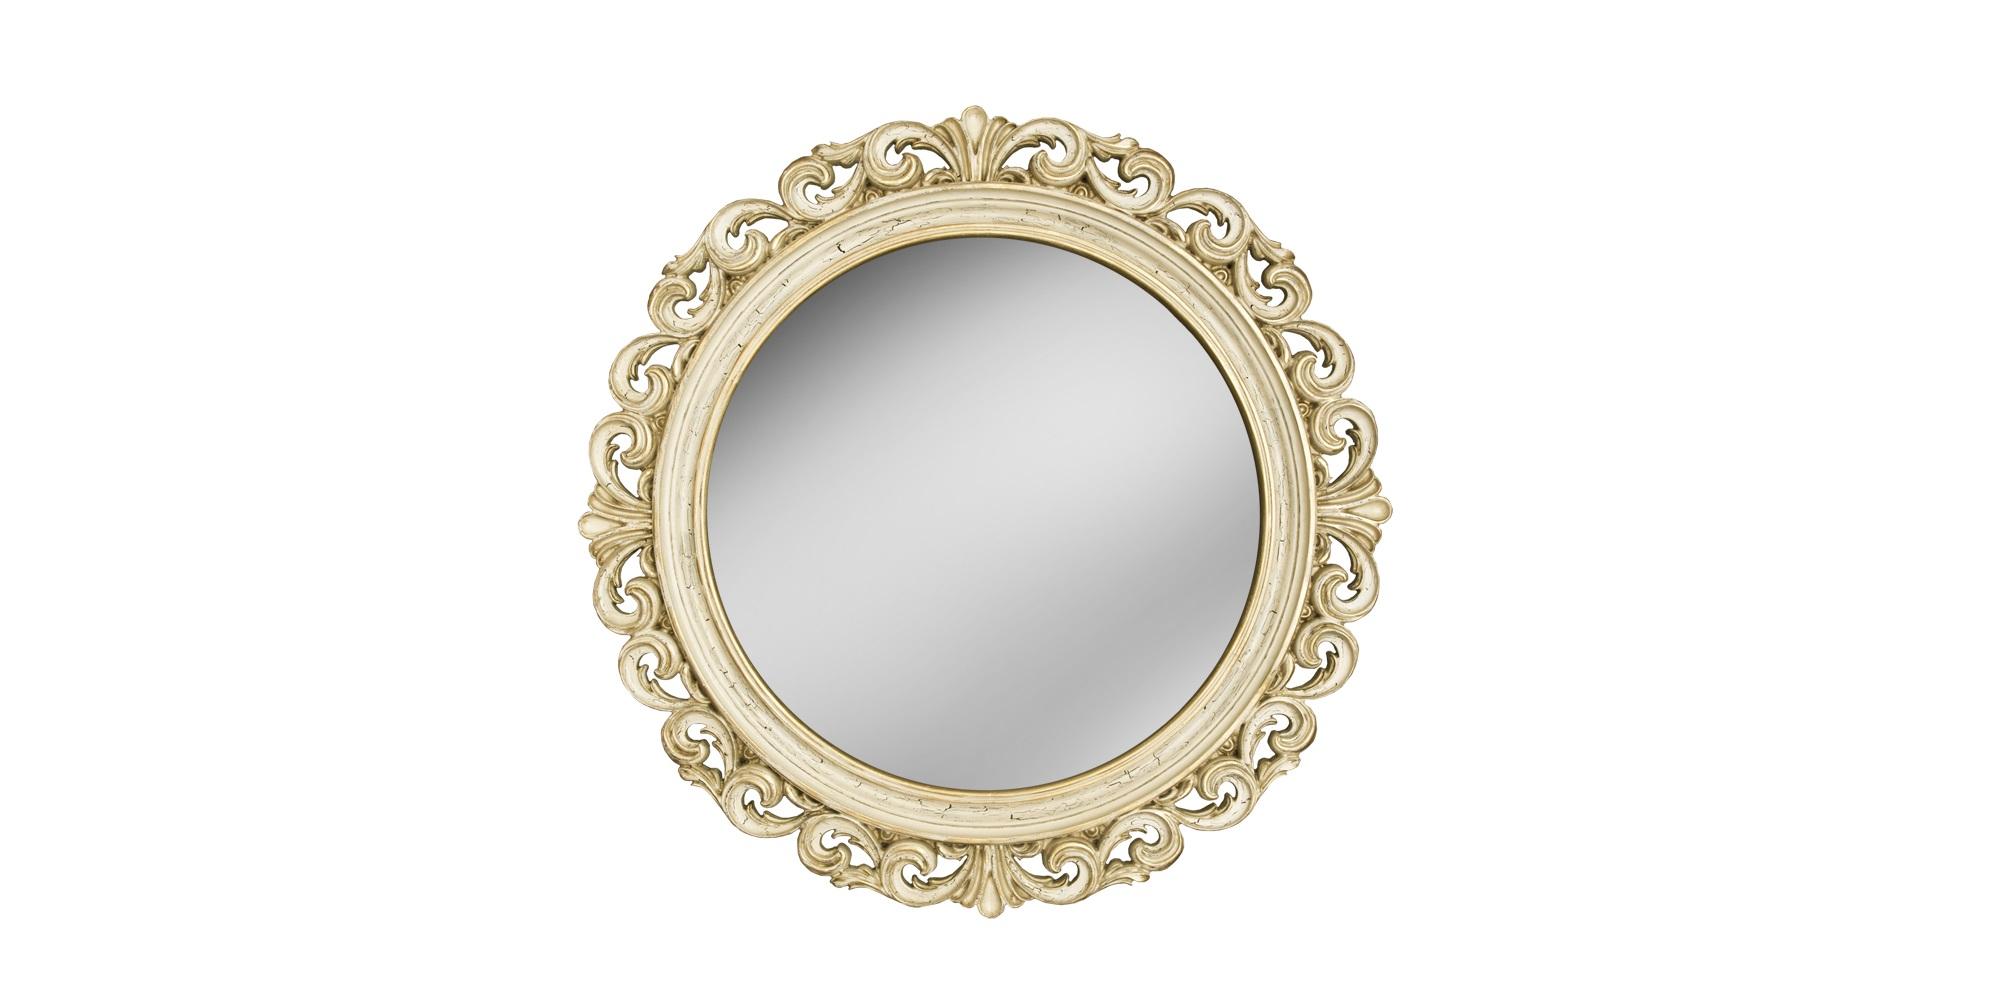 Зеркало РИКИОЛИНастенные зеркала<br>Это круглое зеркало вставлено в эффектную резную раму, оформленную &amp;quot;под старину&amp;quot;. Багет выточен из композитного пенополиуретана. Благодаря сложному окрашиванию его поверхность напоминает натуральную слоновую кость под позолотой, а зеленоватая патина и характерные трещинки усиливают винтажный эффект. ППУ не боится воды и пара, и зеркало можно использовать во влажных помещениях.&amp;lt;br&amp;gt;&amp;lt;br&amp;gt;&amp;lt;div&amp;gt;&amp;lt;div&amp;gt;Исполнение:&amp;amp;nbsp;Слоновая кость Золото Патина Кракелюр&amp;lt;br&amp;gt;&amp;lt;/div&amp;gt;&amp;lt;/div&amp;gt;<br><br>Material: Полиуретан<br>Length см: None<br>Width см: None<br>Depth см: 4<br>Height см: None<br>Diameter см: 90